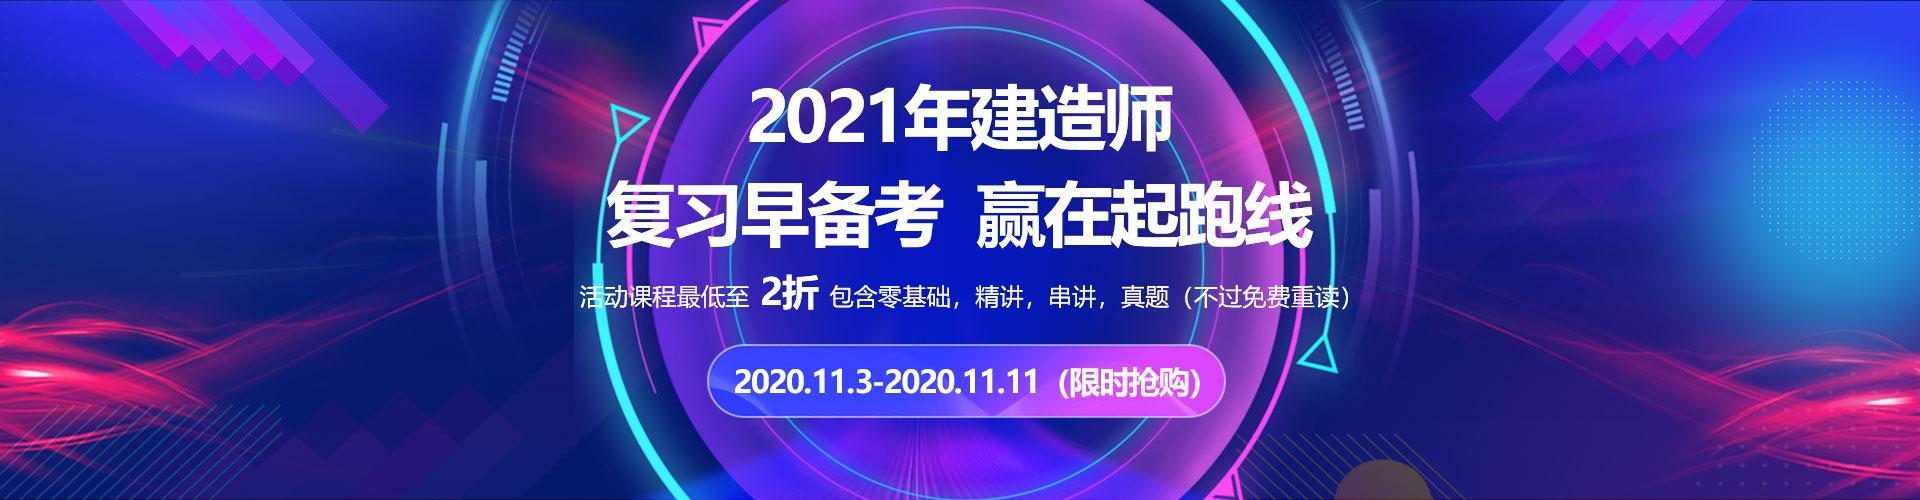 2021年建造师双十一班优惠 大放送